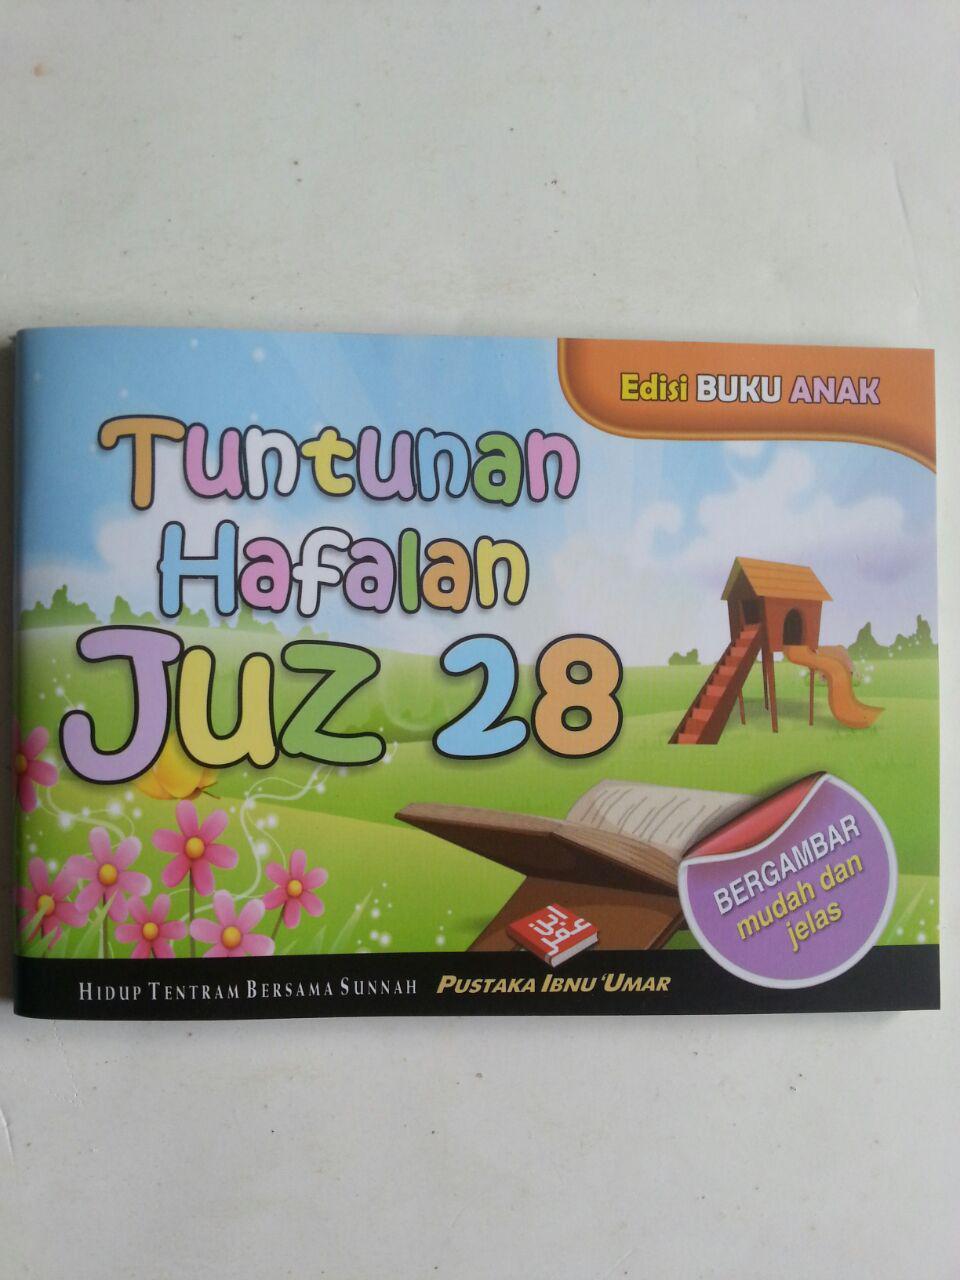 Buku Anak Tuntunan Hafalan Juz 28 Berwarna Bergambar Mudah Jelas cover 2